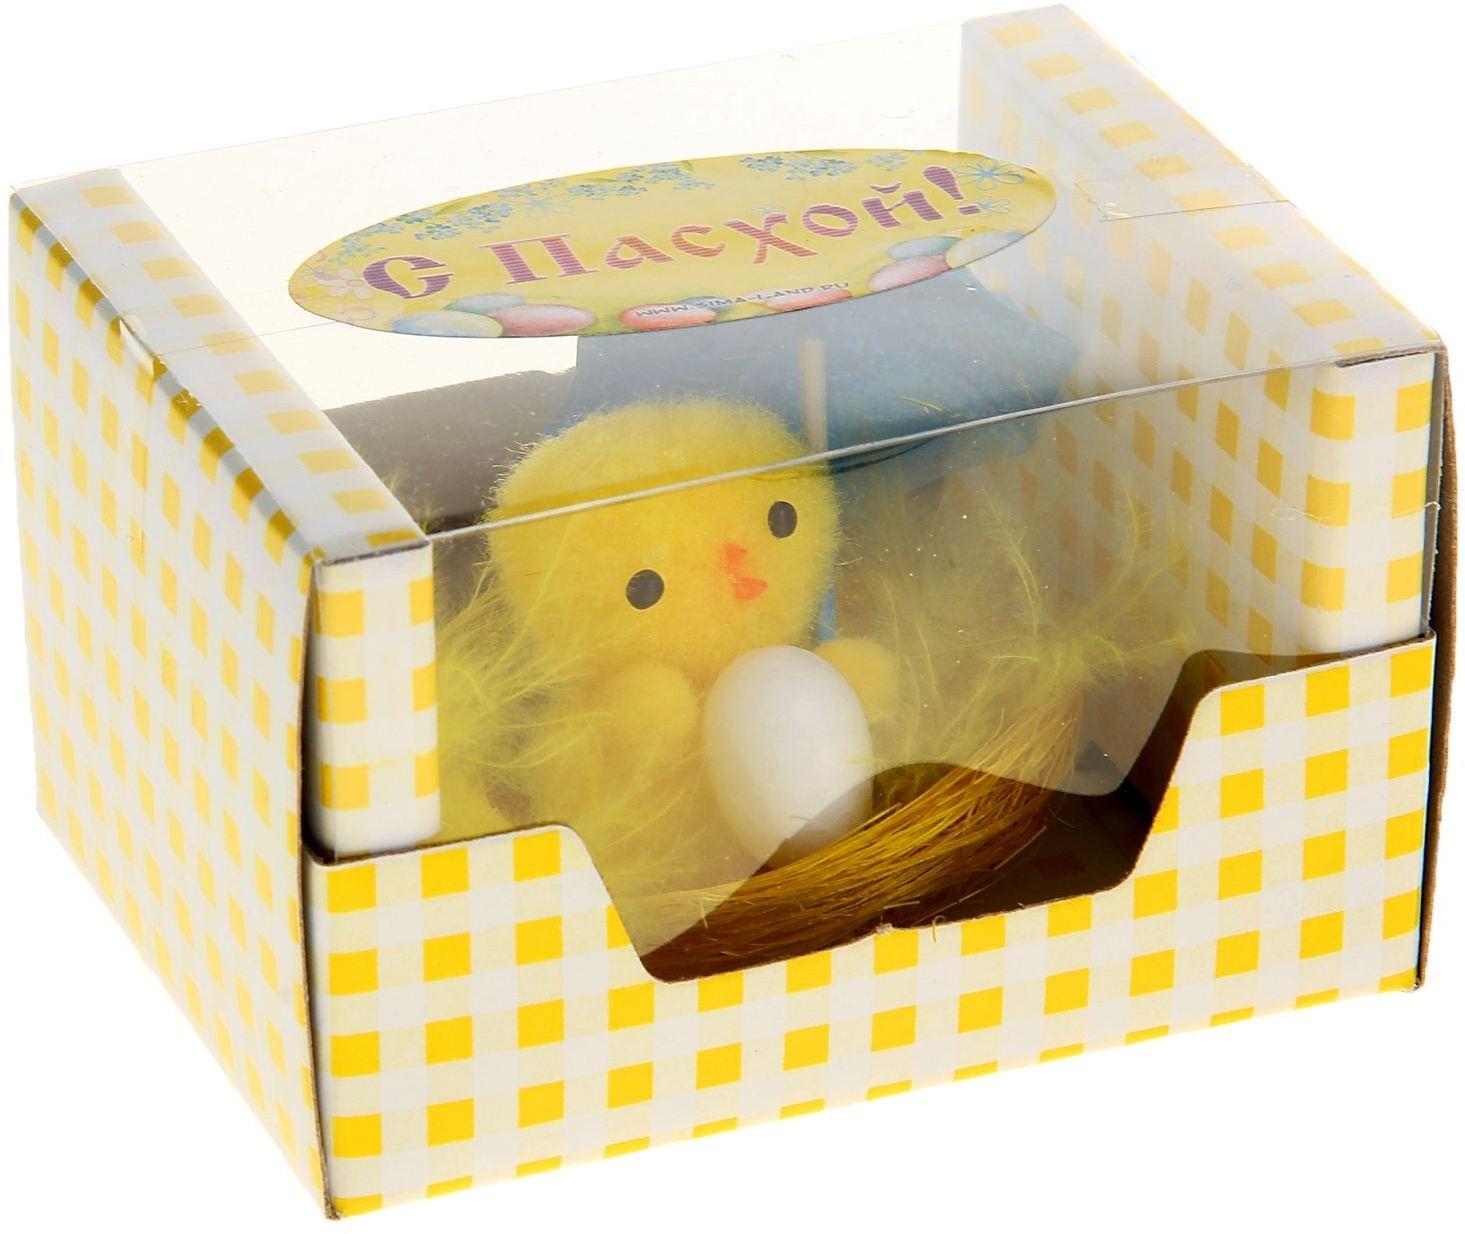 Сувенир пасхальный Sima-land Цыпа под зонтиком700047Дарить подарки на Пасху – это такая же традиция, как красить яйца и выпекать куличи. Презенты вдвойне приятнее, если они несут в себе сакральный смысл и имеют какое-то значение.Сувенир Цыпа под зонтиком - это символ возрождения и непрерывности жизни. С его помощью вы сможете украсить жилище, преподнести его близкому человеку или использовать при сервировке стола всю пасхальную неделю. Кроме того, пасхальные цыплята нравятся маленьким деткам.